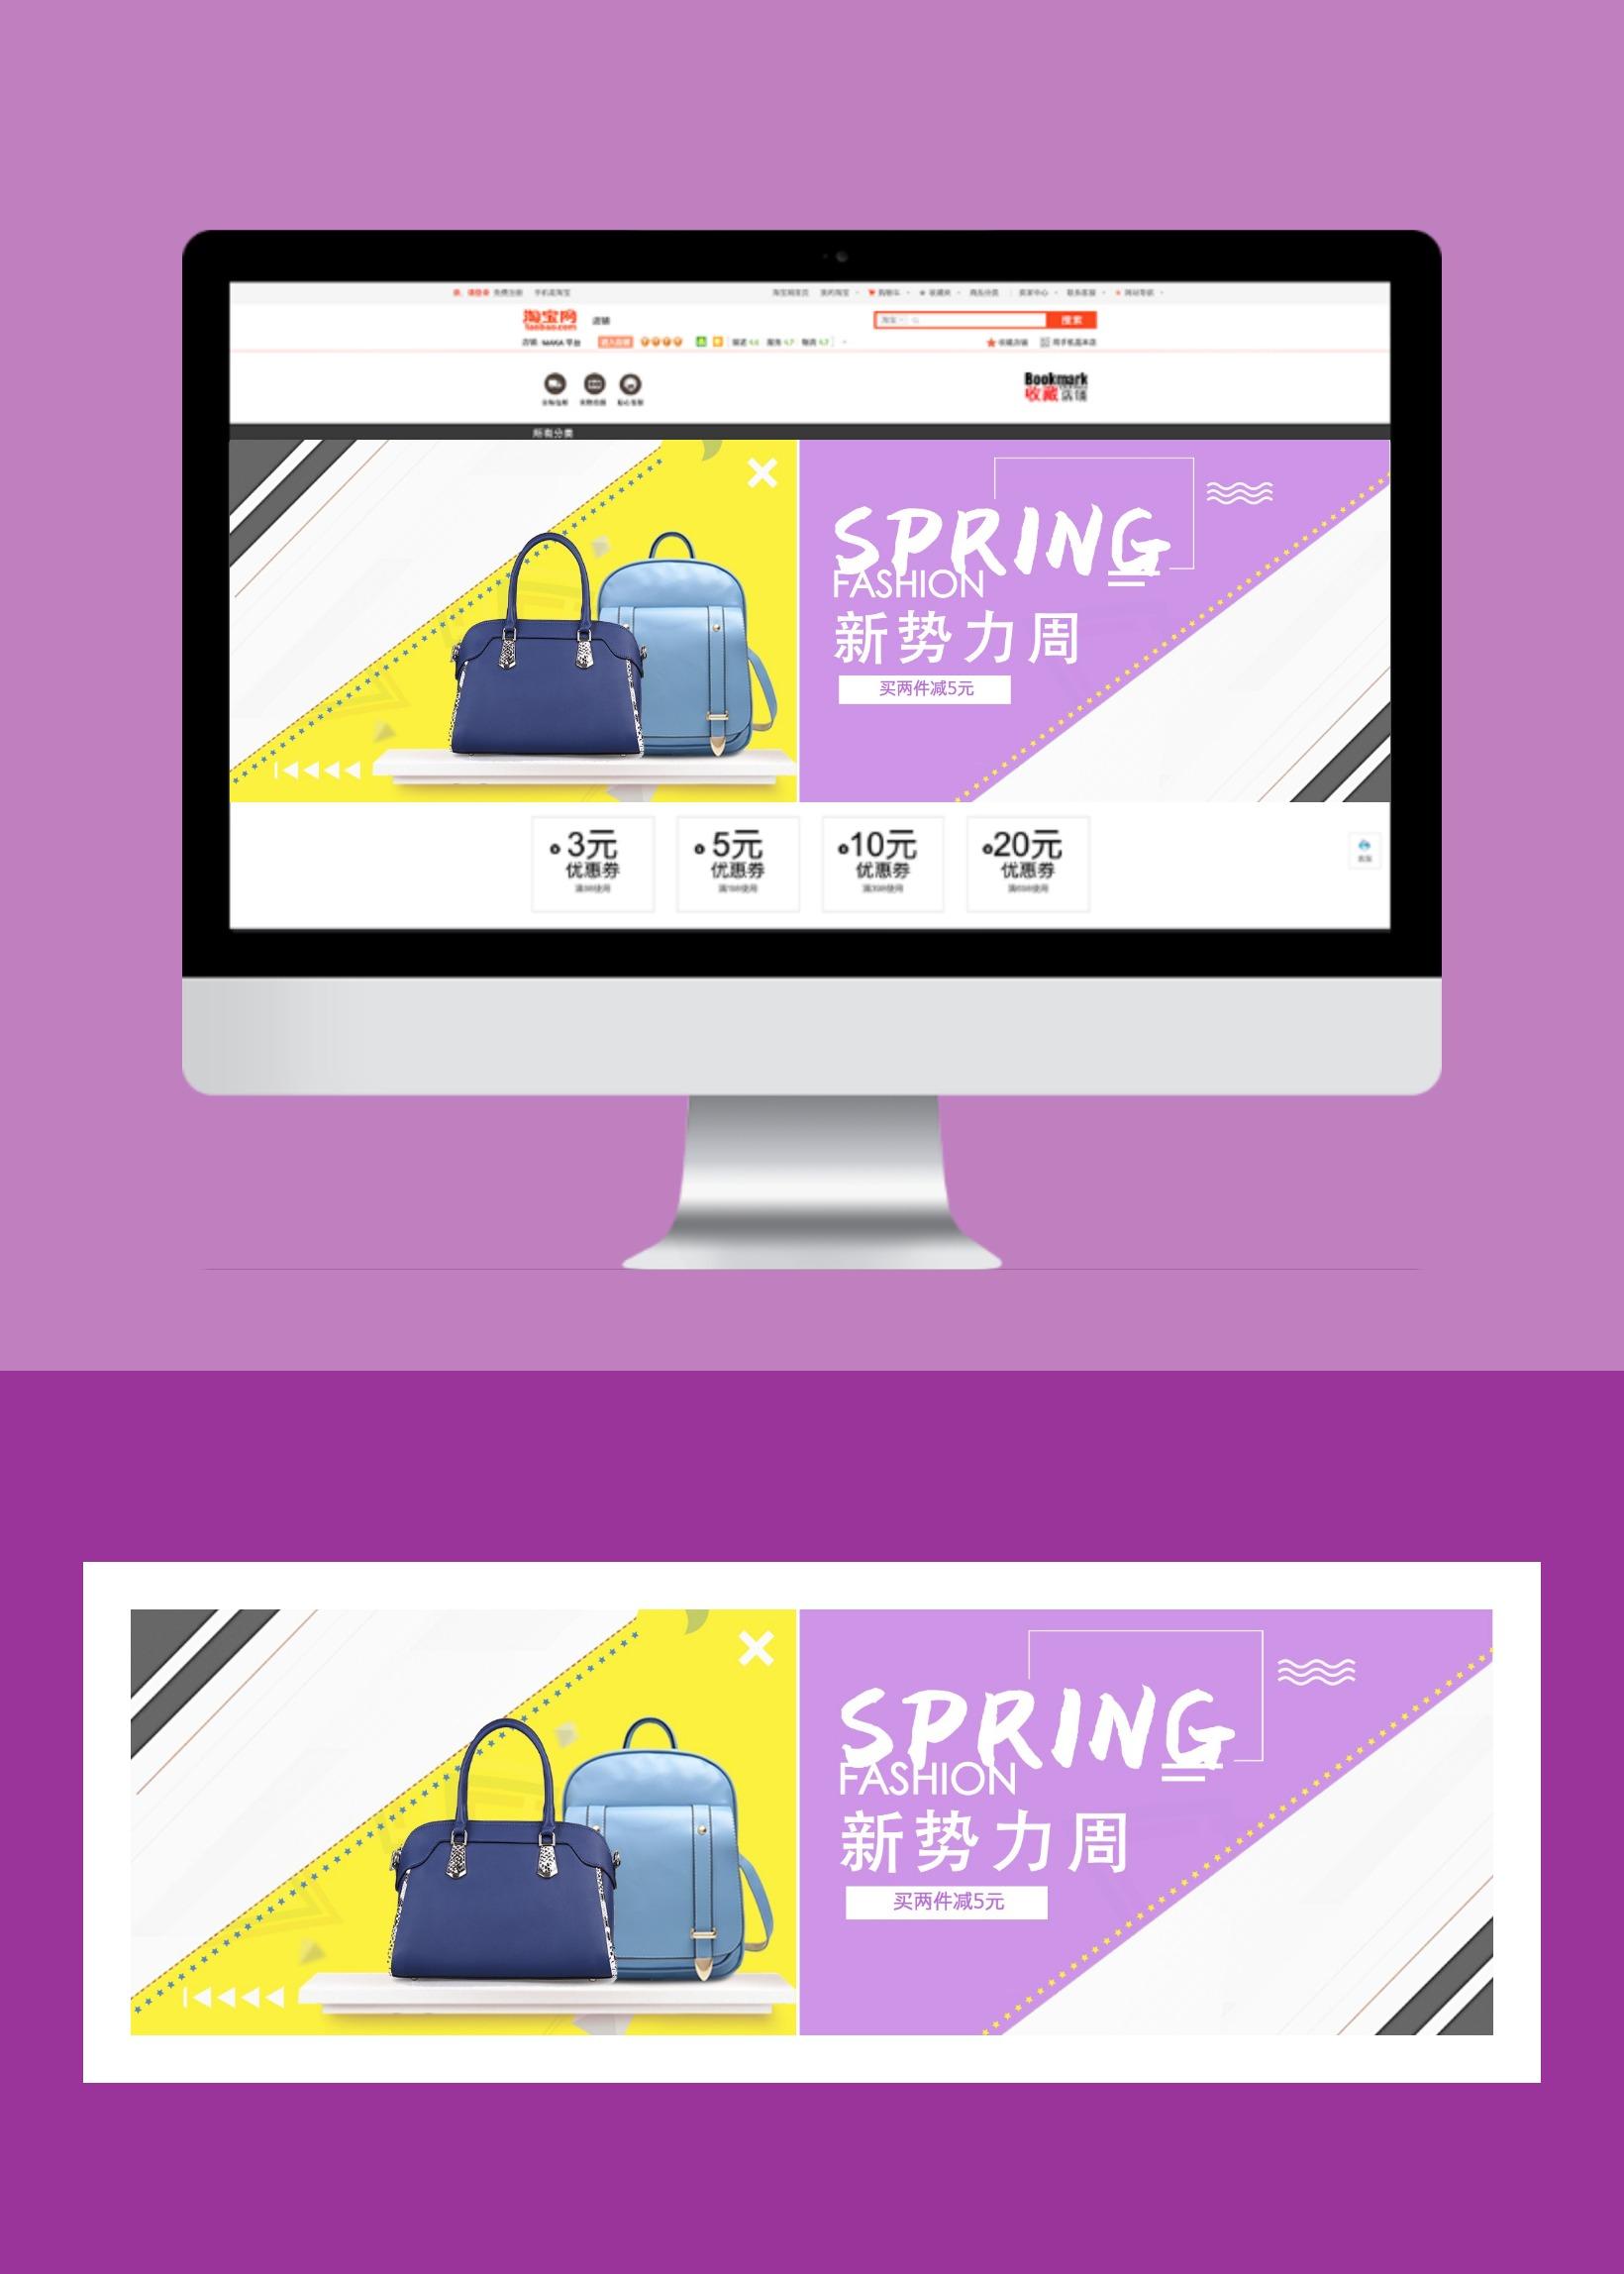 简约大气时尚淘宝活动箱包女包活动促销店铺banner